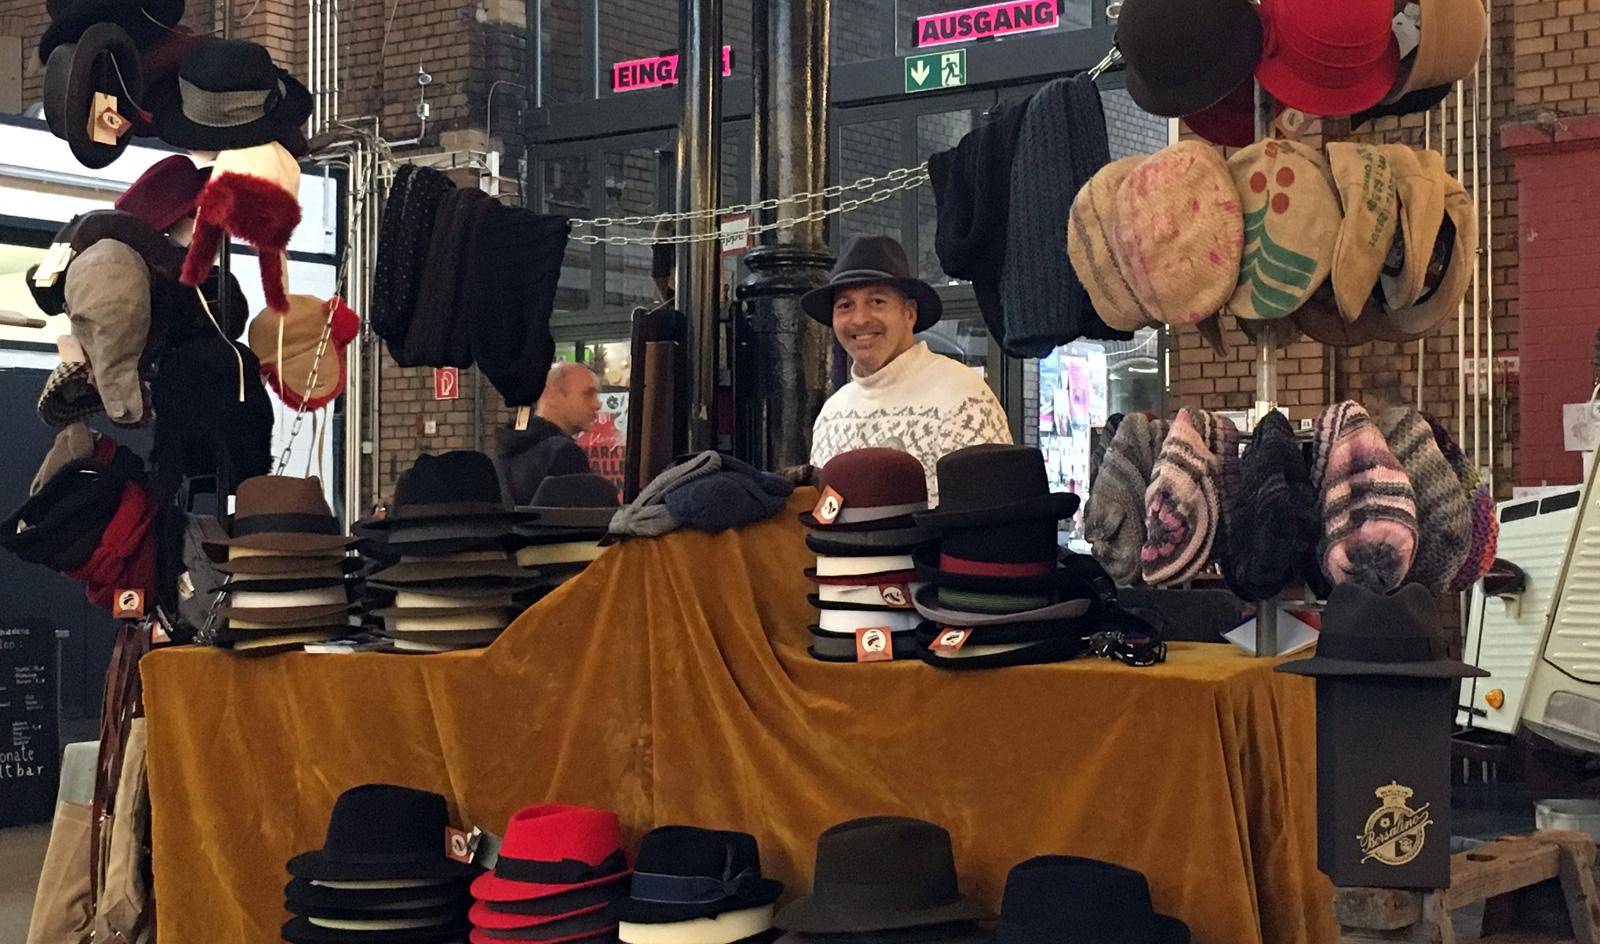 Feine Hüte Berlin Weihnachtsmarkt Merry Markthalle 9